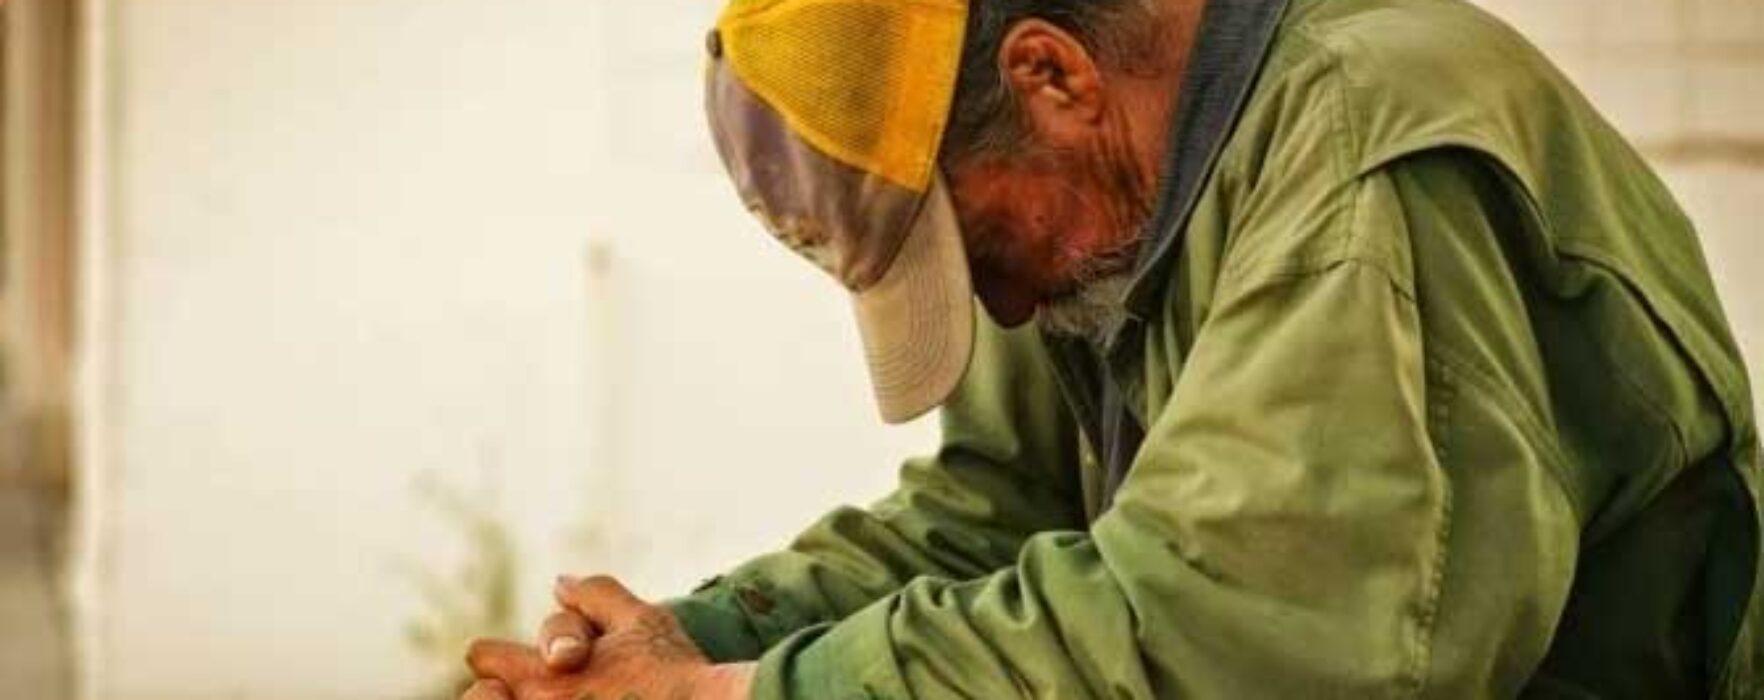 Târgovişte: Numărul asistaţilor social din municipiu, la un minim istoric